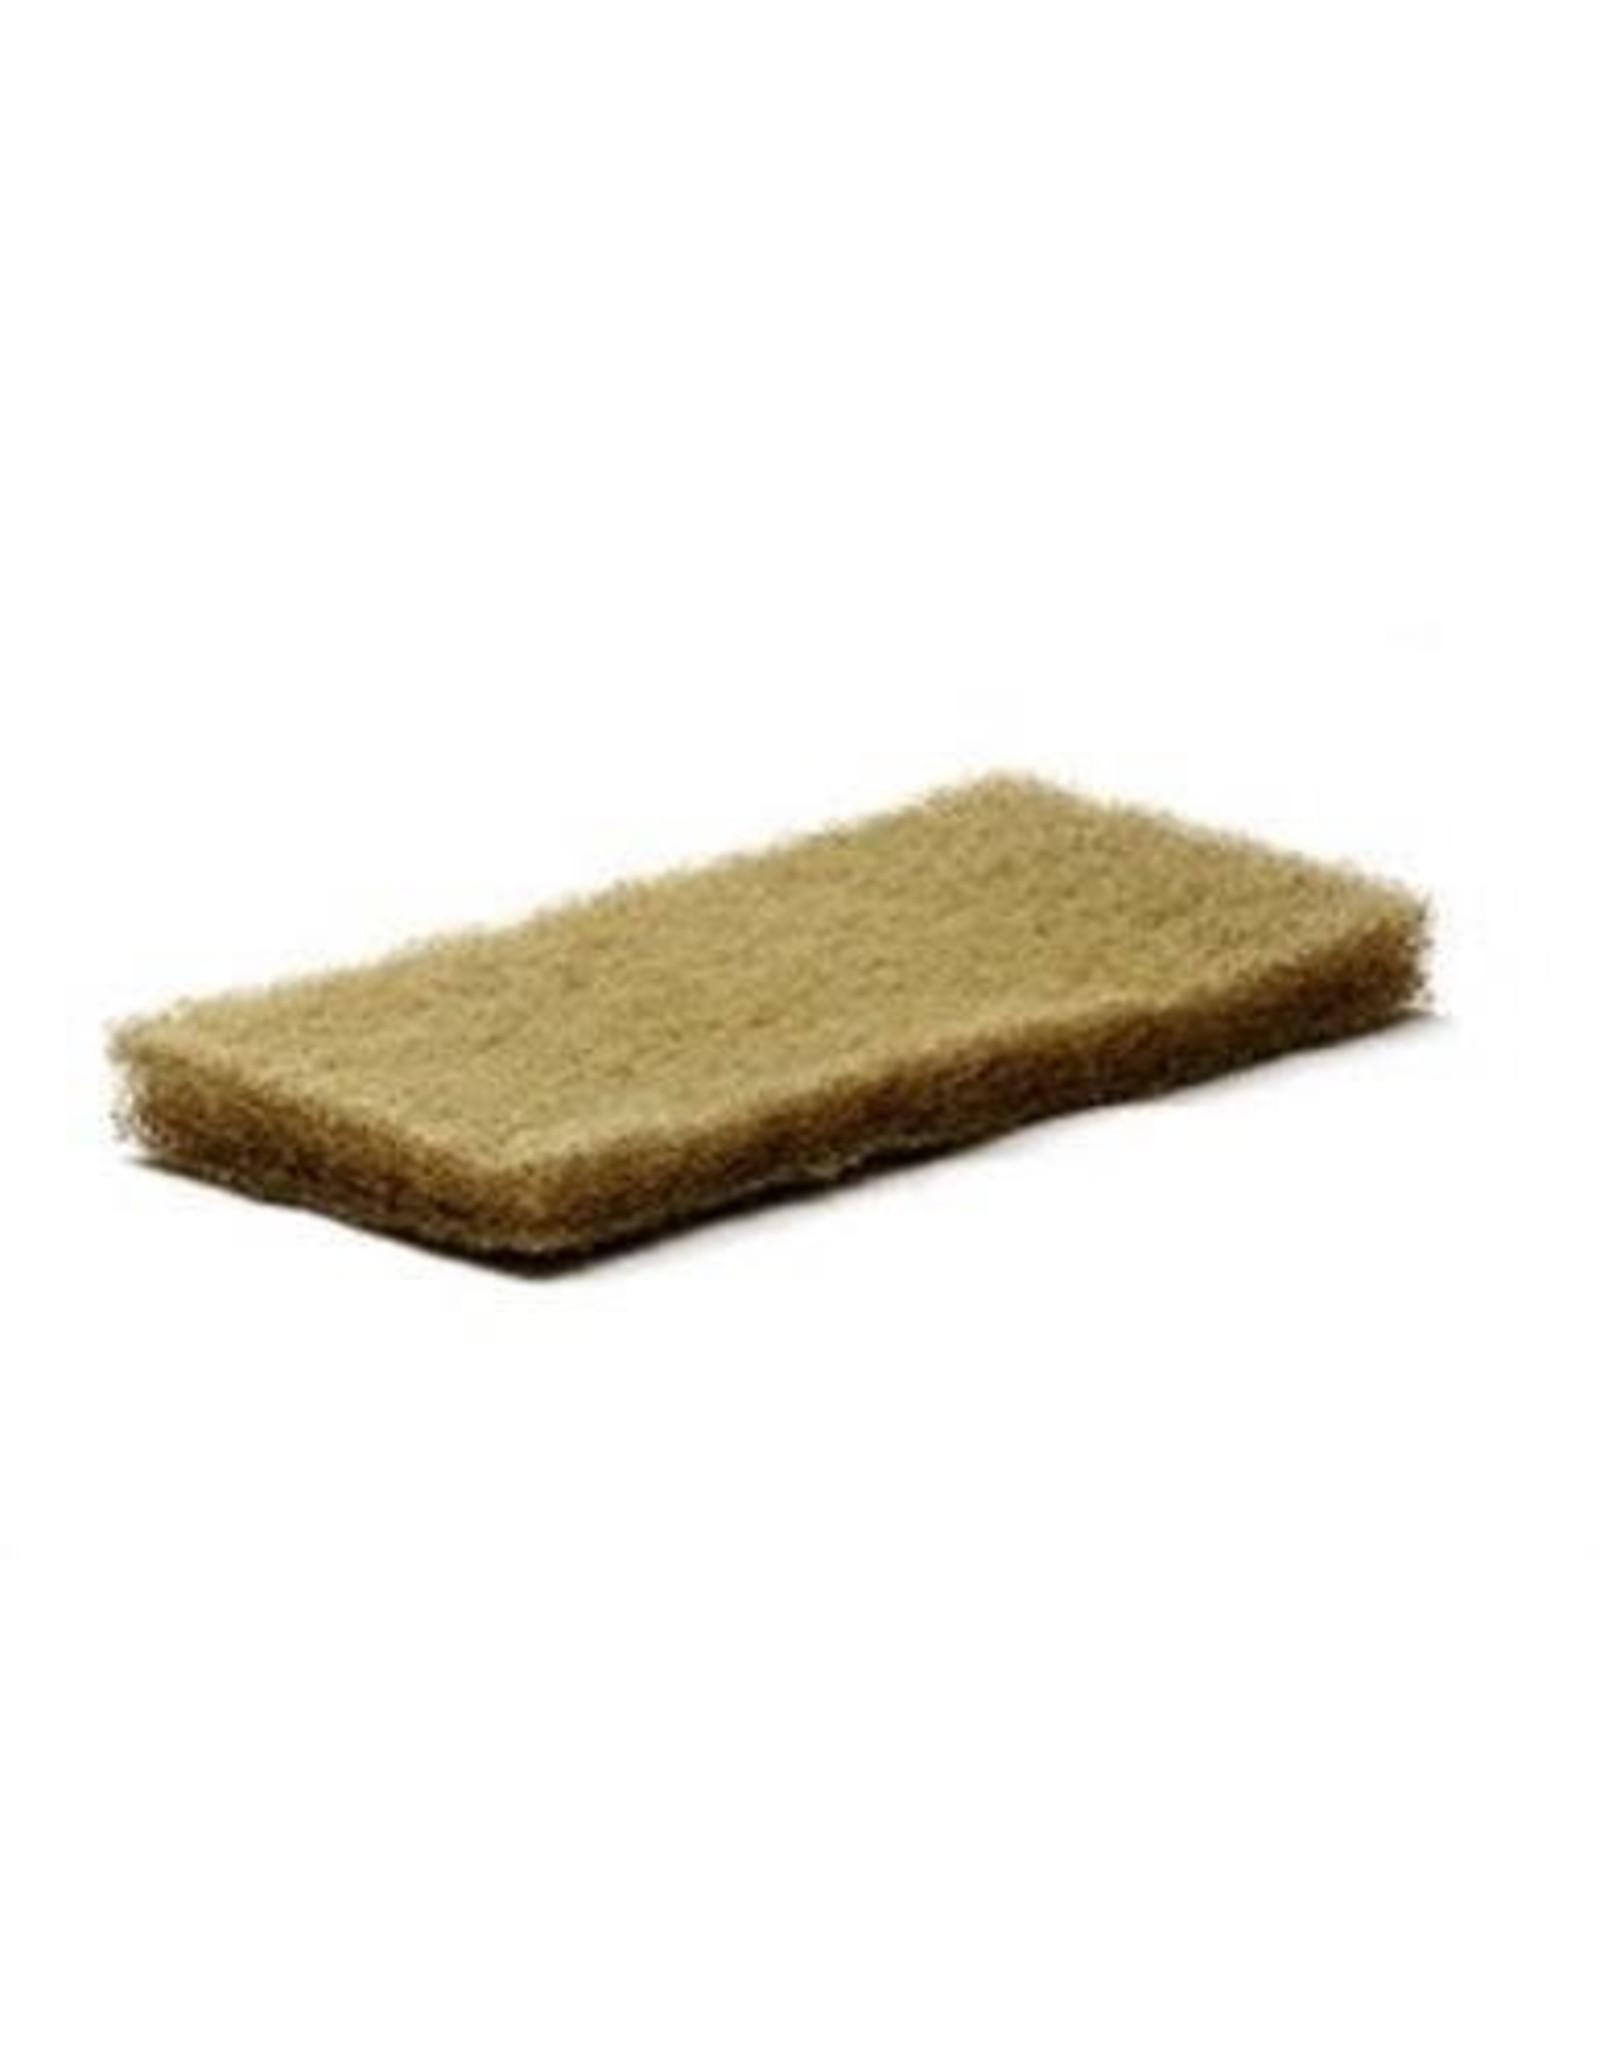 ACOR Handpads voor rand en wand reiniging.